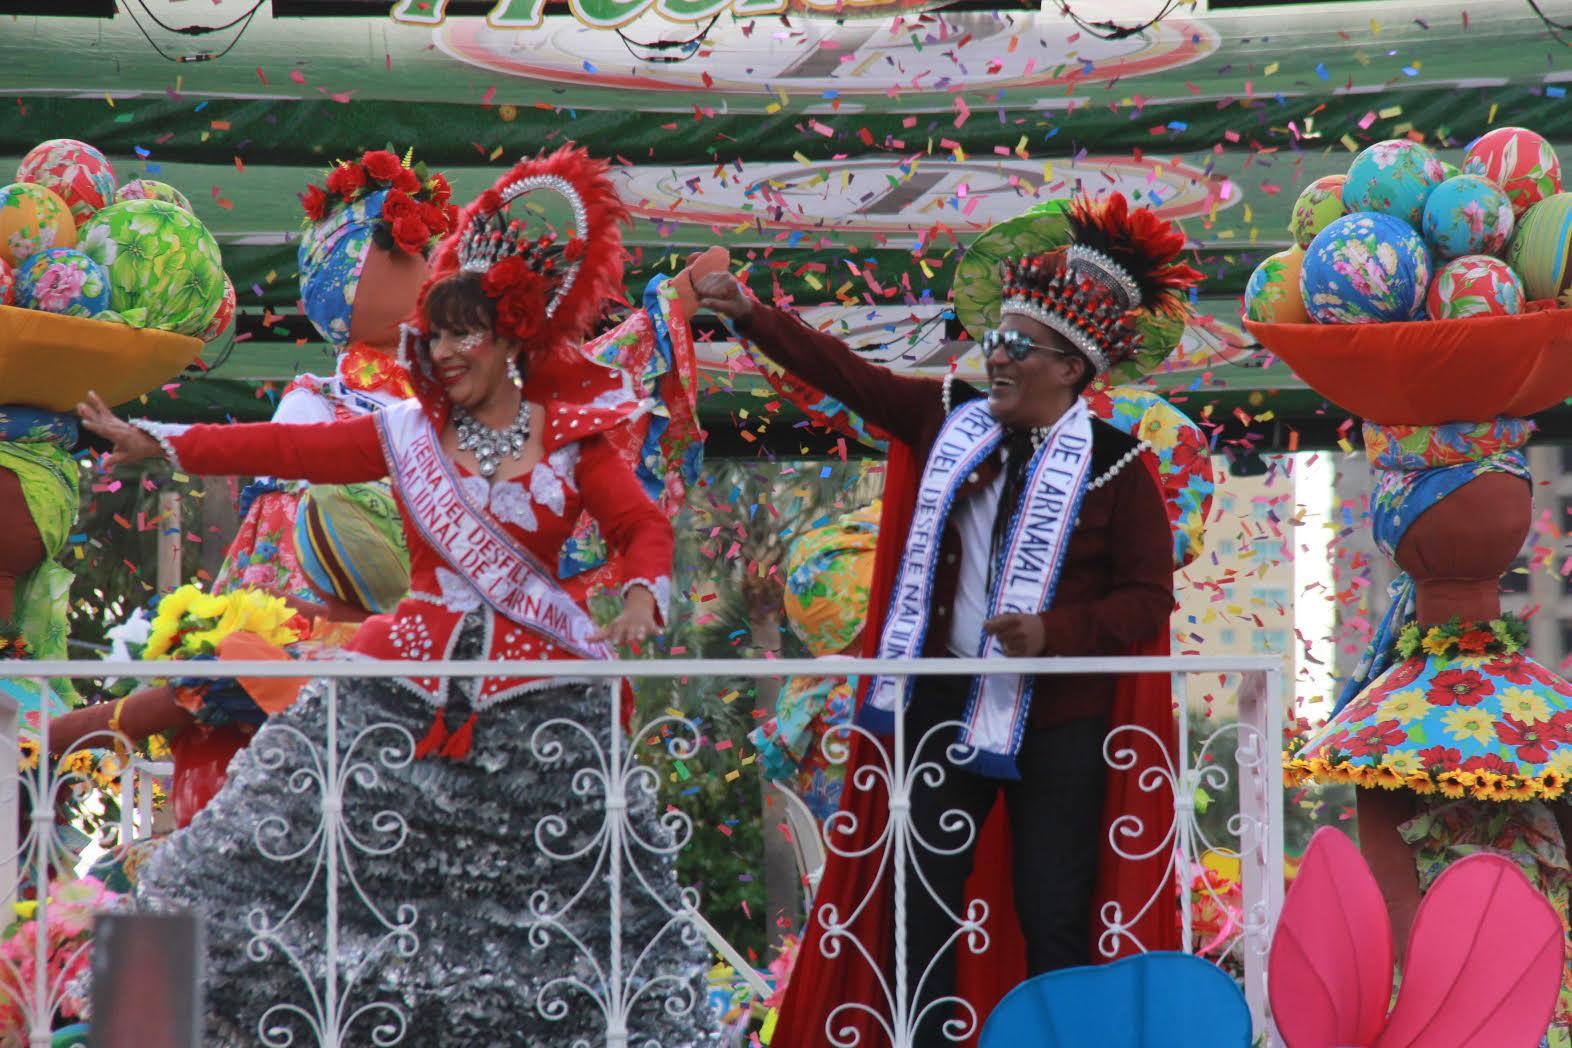 Derroche de color, creatividad y música en el desfile del carnaval dominicano